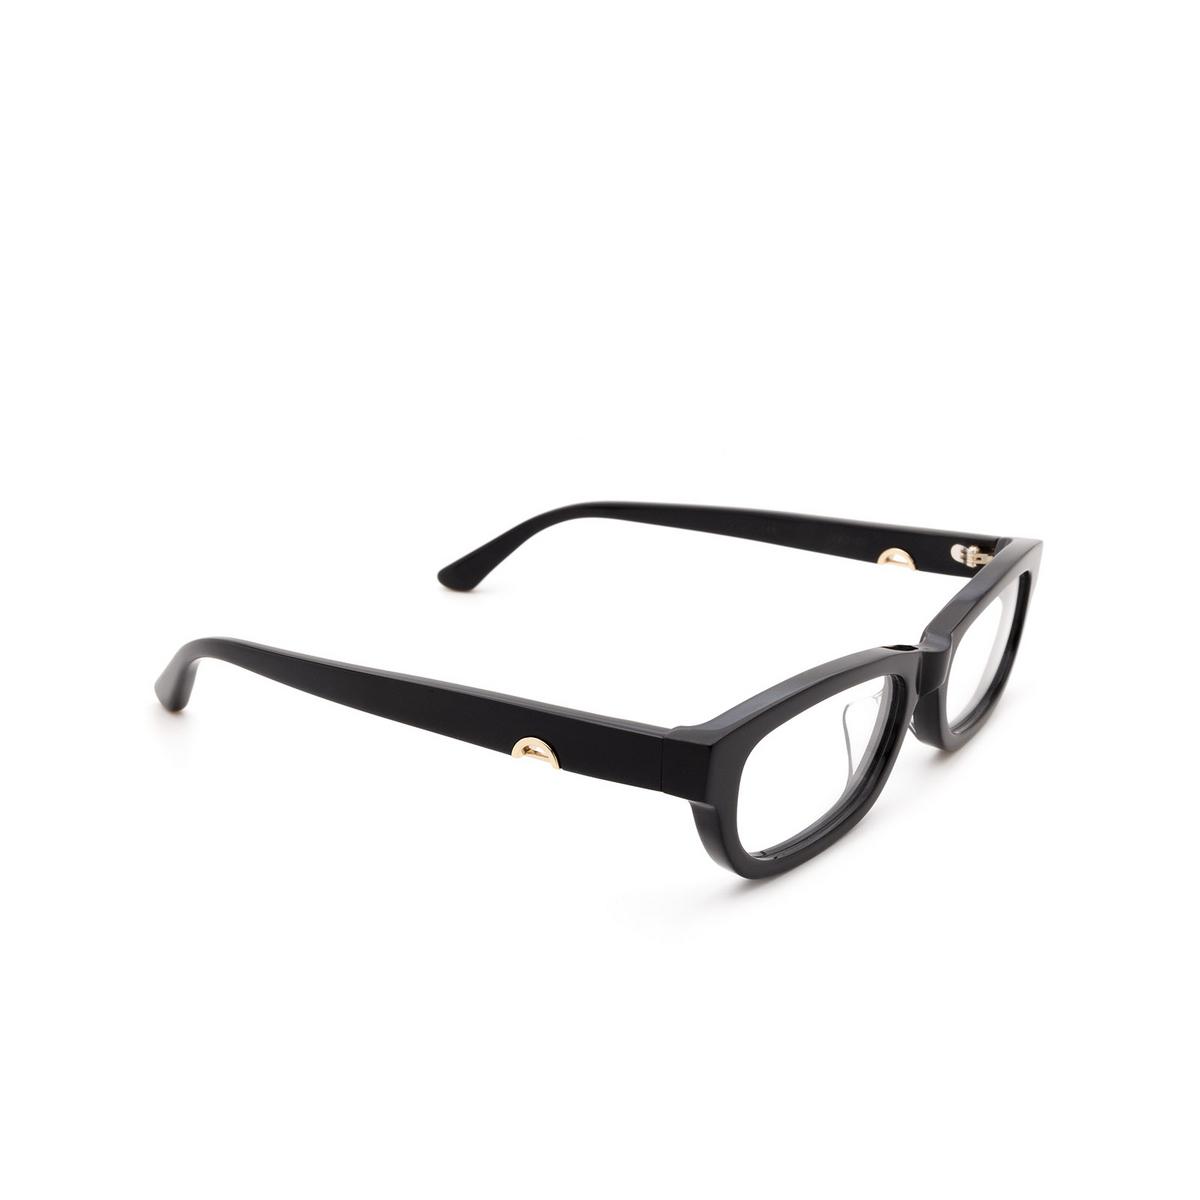 Huma® Rectangle Eyeglasses: Lou color Black 06V - three-quarters view.